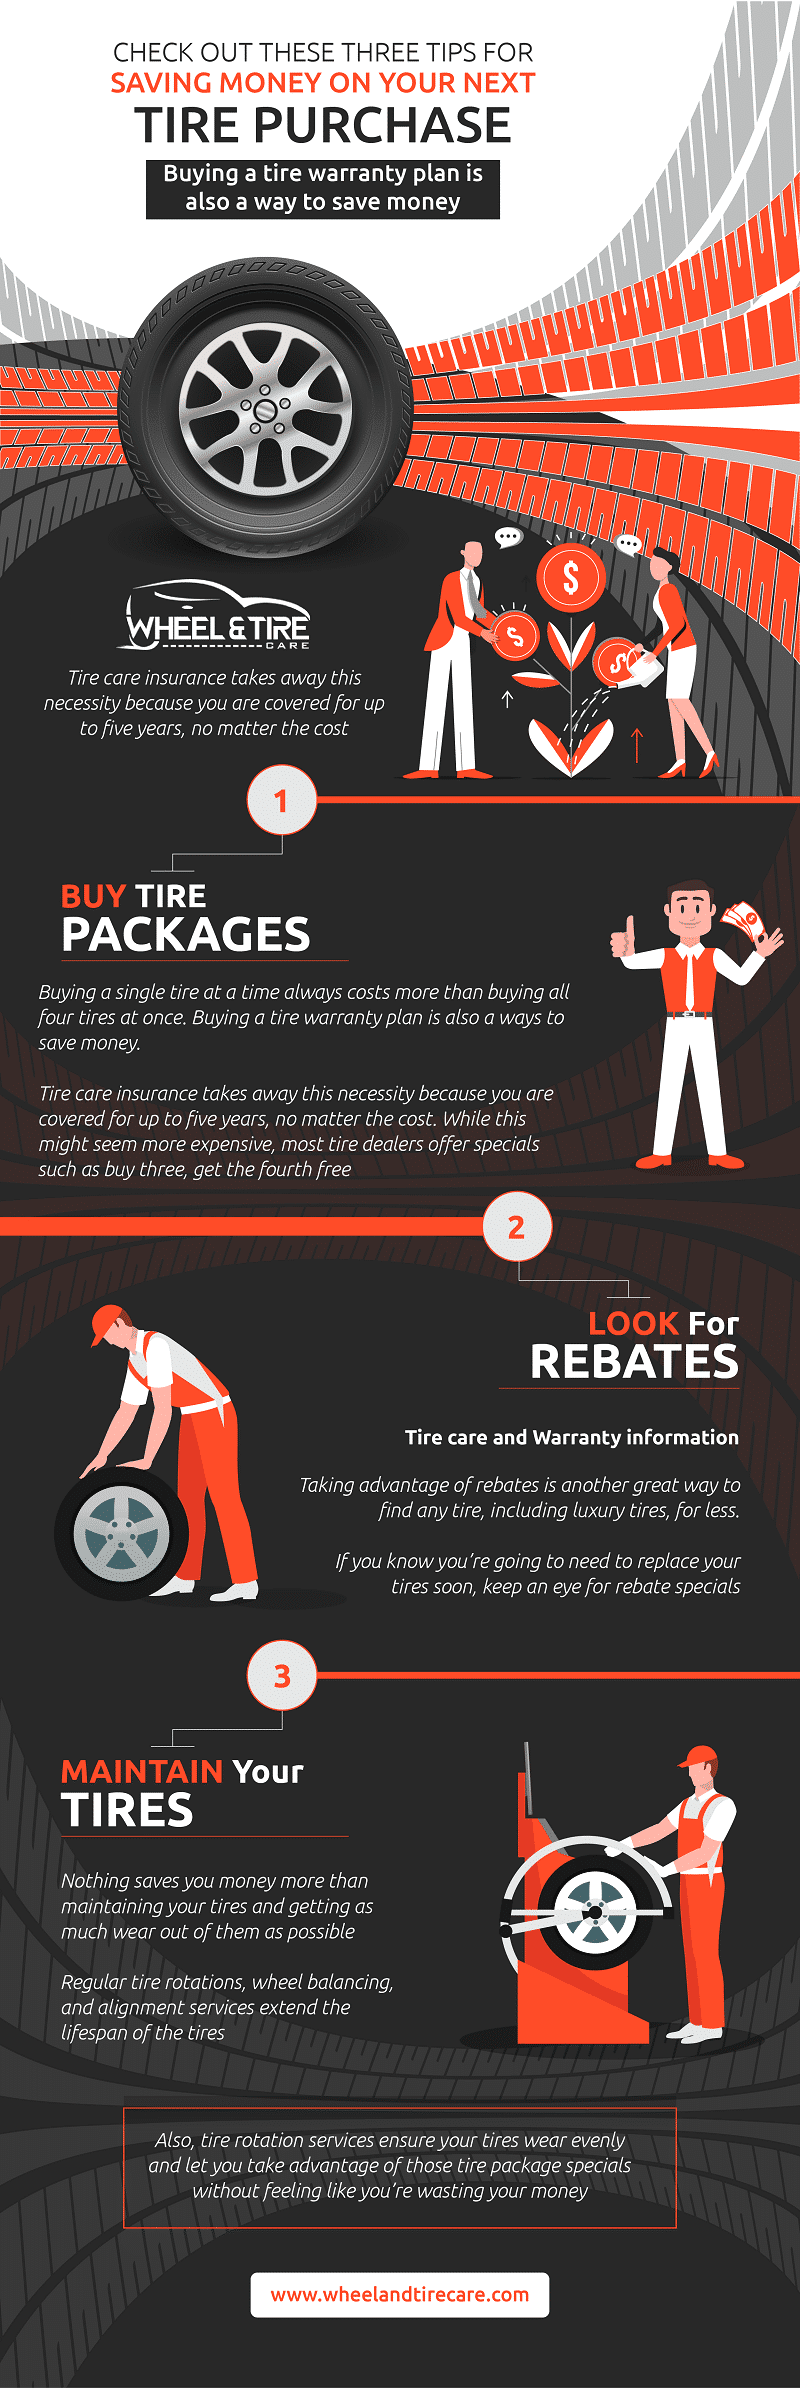 Buying Mercedes-Benz Tires